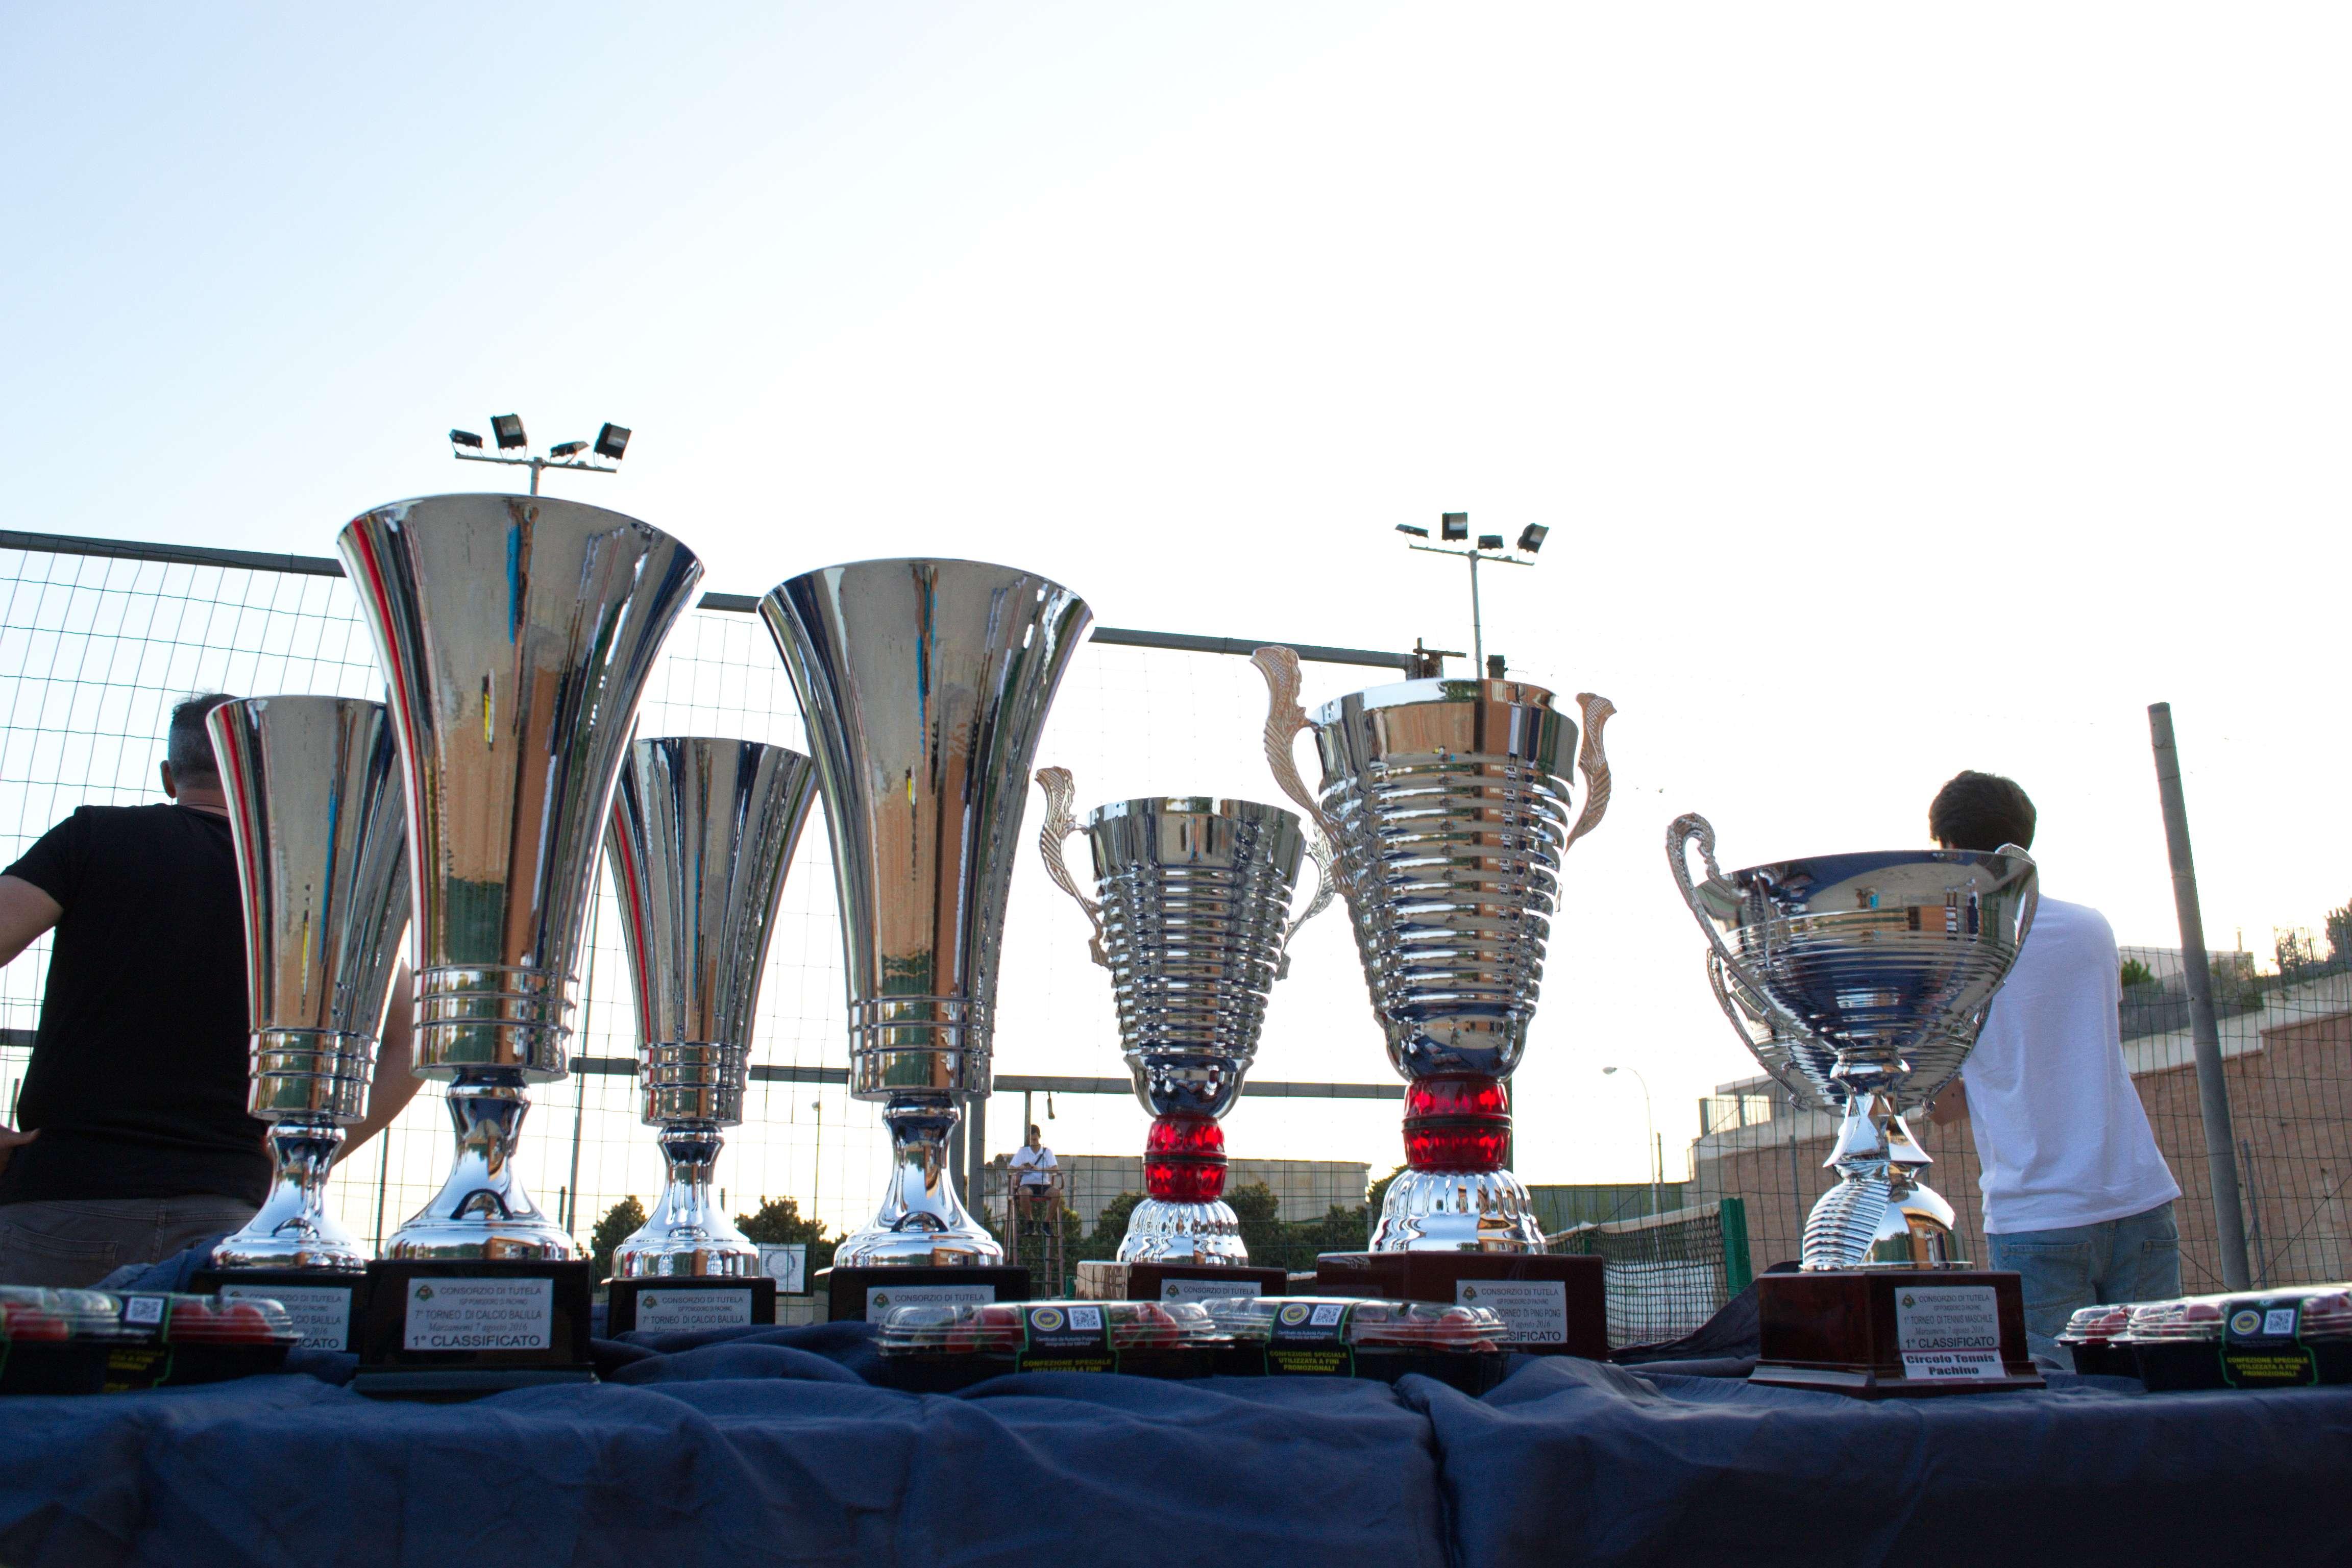 II Torneo di Tennis POMODORO IGP DI PACHINO: Di Mauro e Scieri i due finalisti